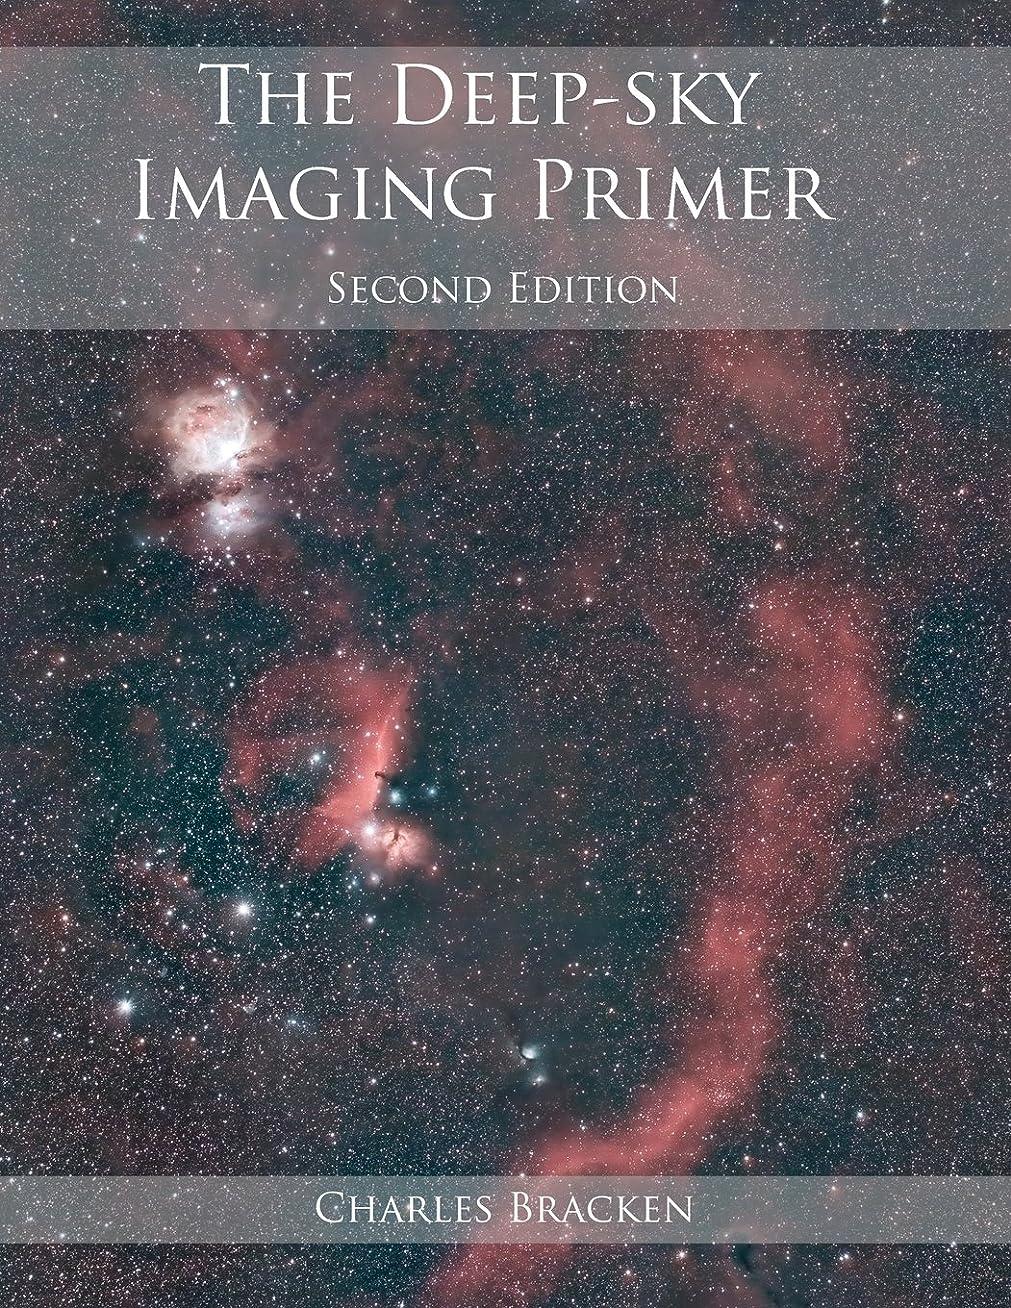 ダルセット素晴らしきパールThe Deep-sky Imaging Primer, Second Edition